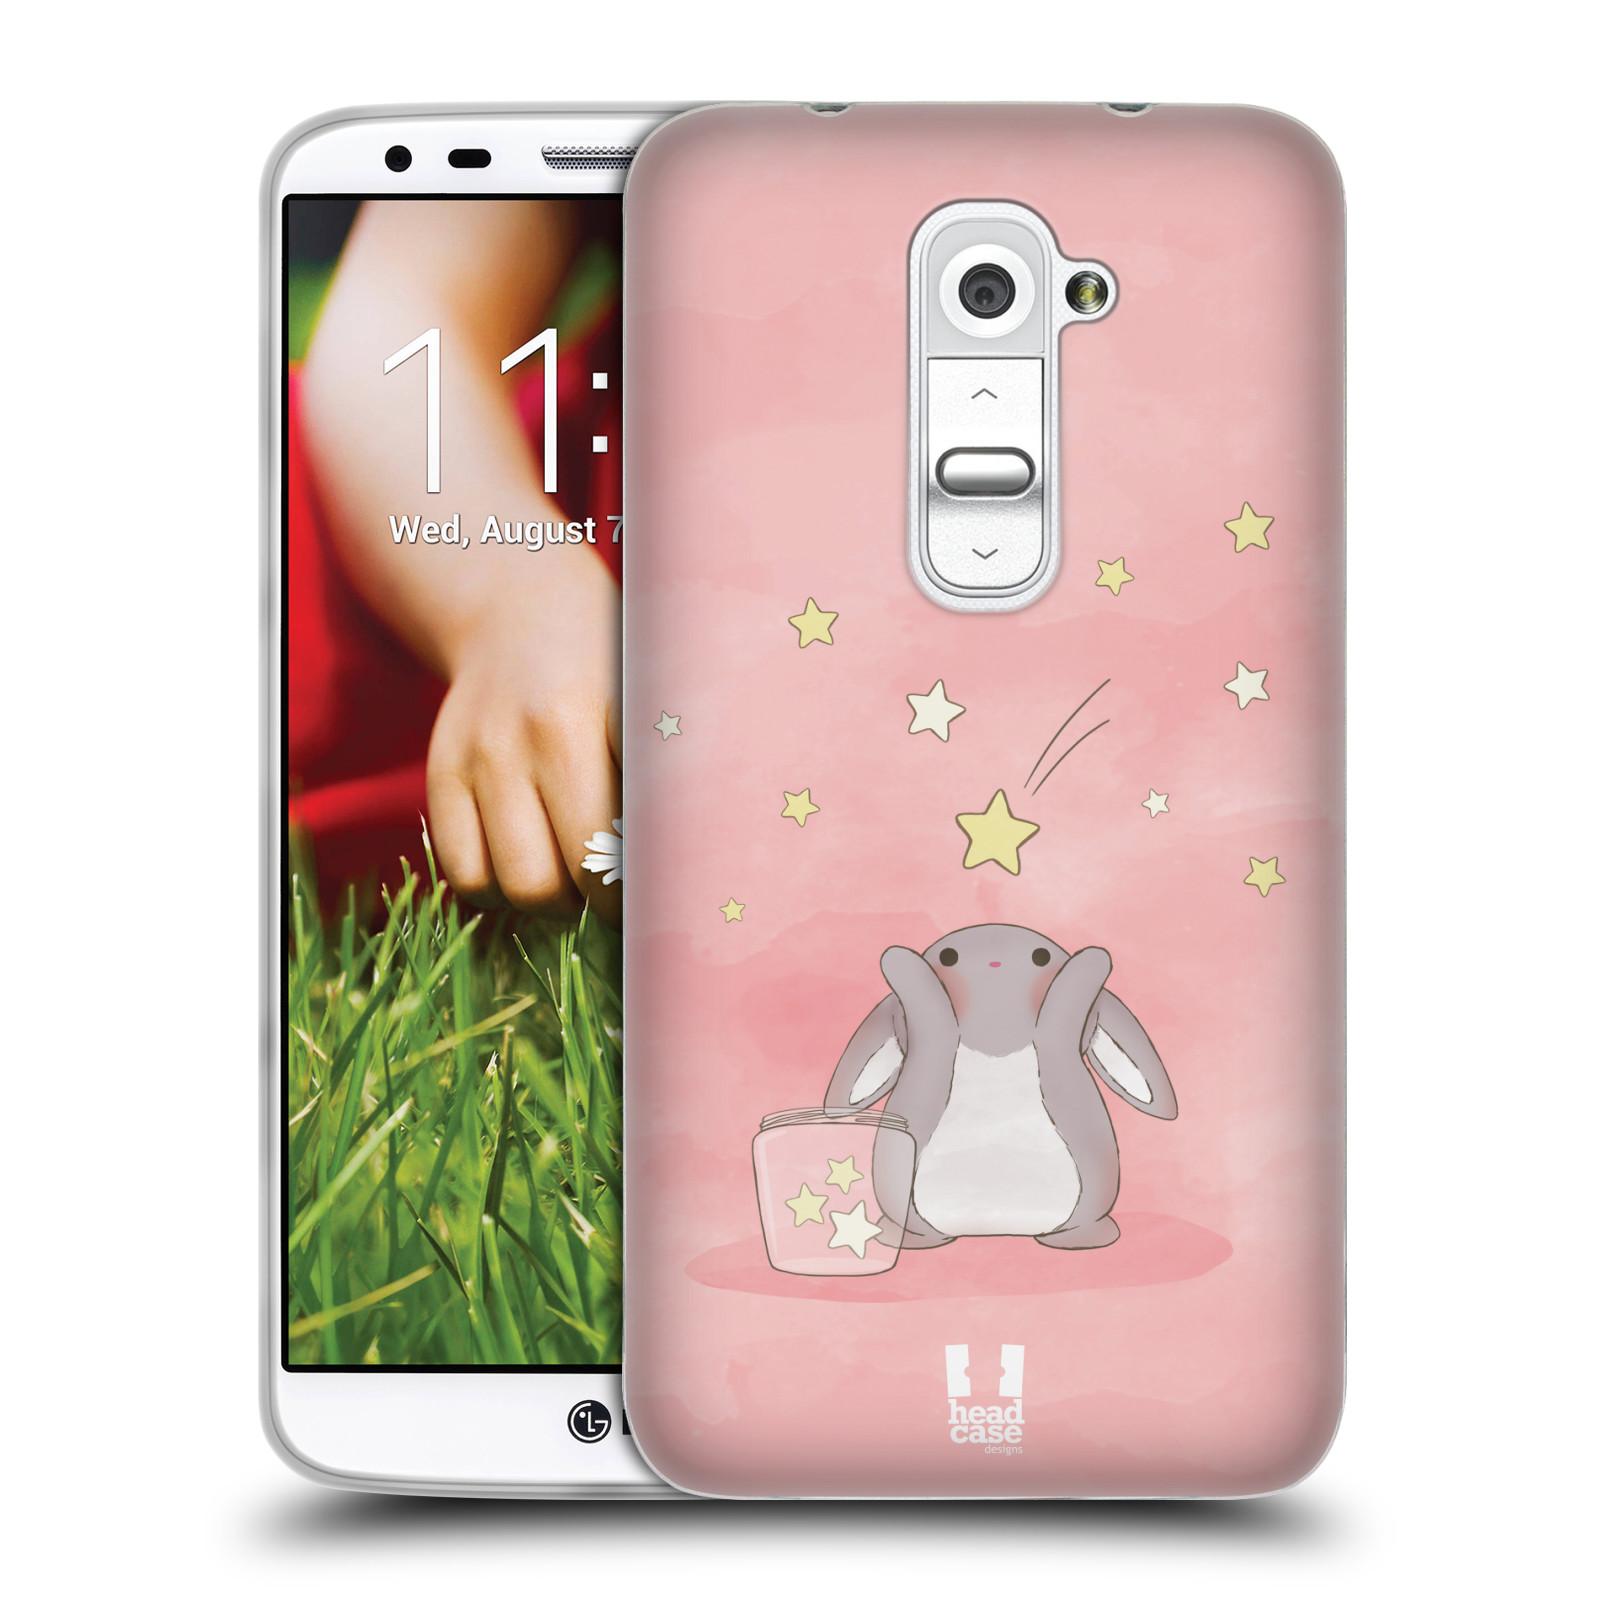 HEAD CASE silikonový obal na mobil LG G2 vzor králíček a hvězdy růžová